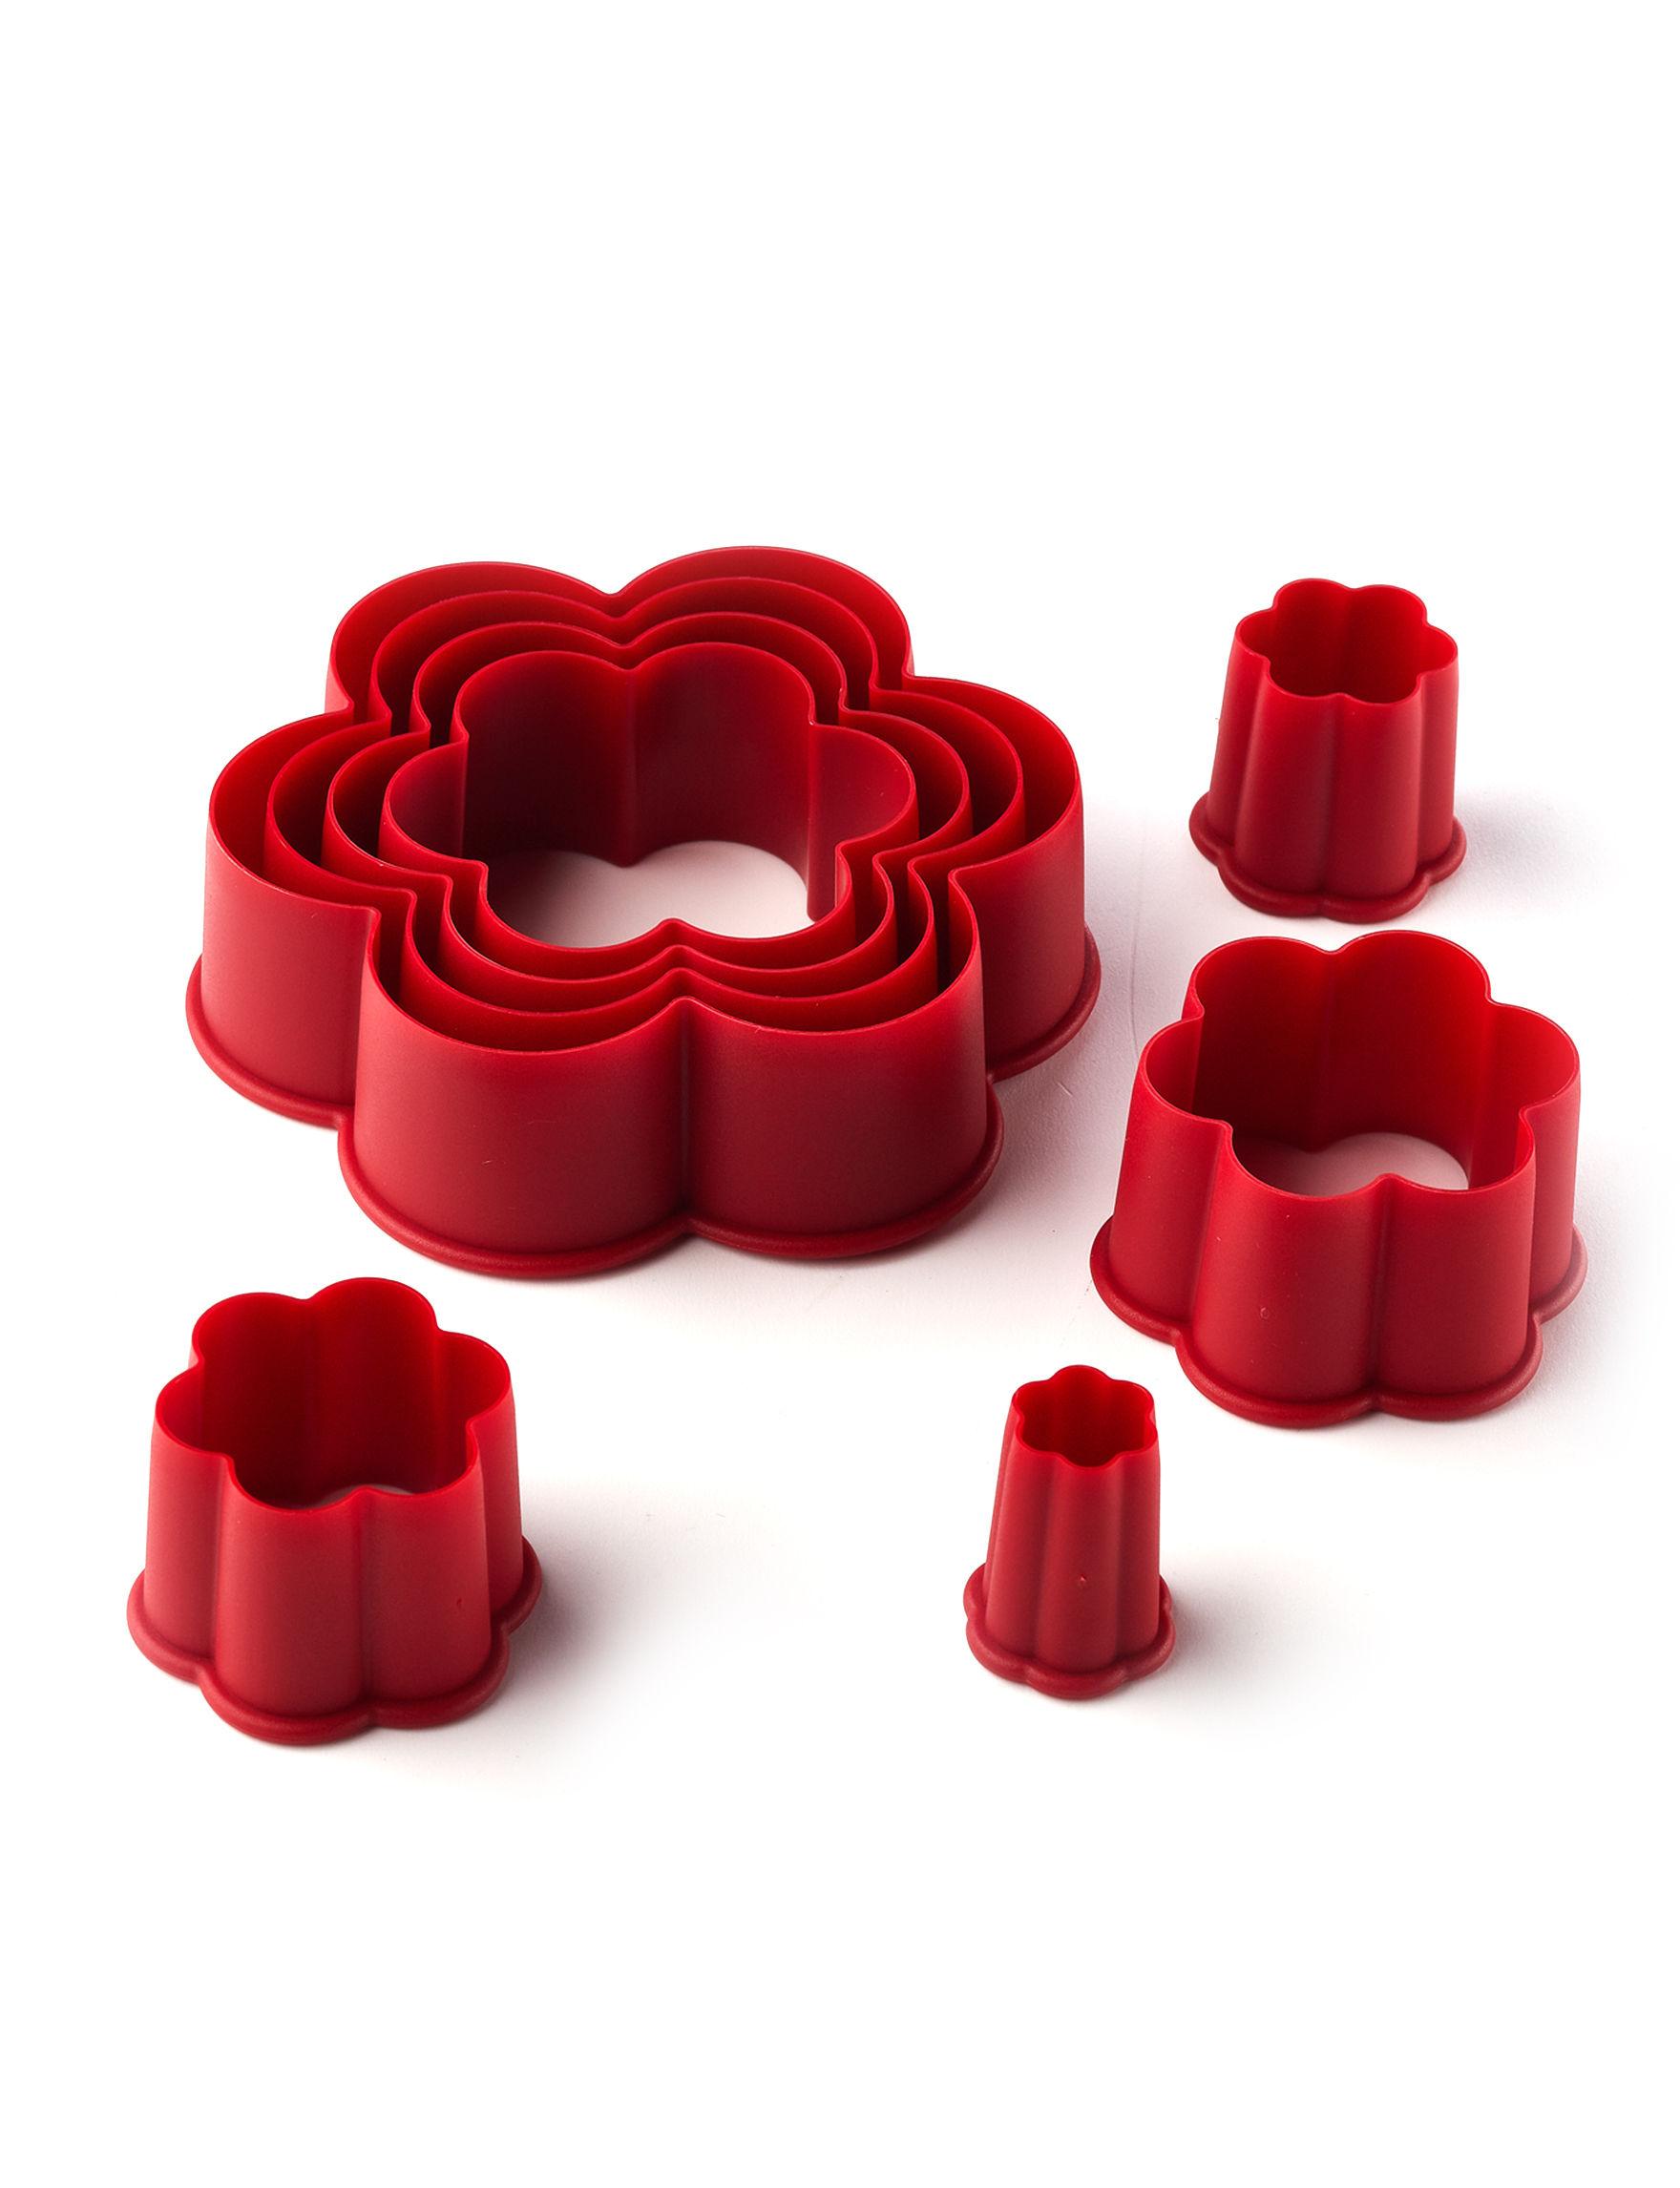 Cake Boss Red Bakeware